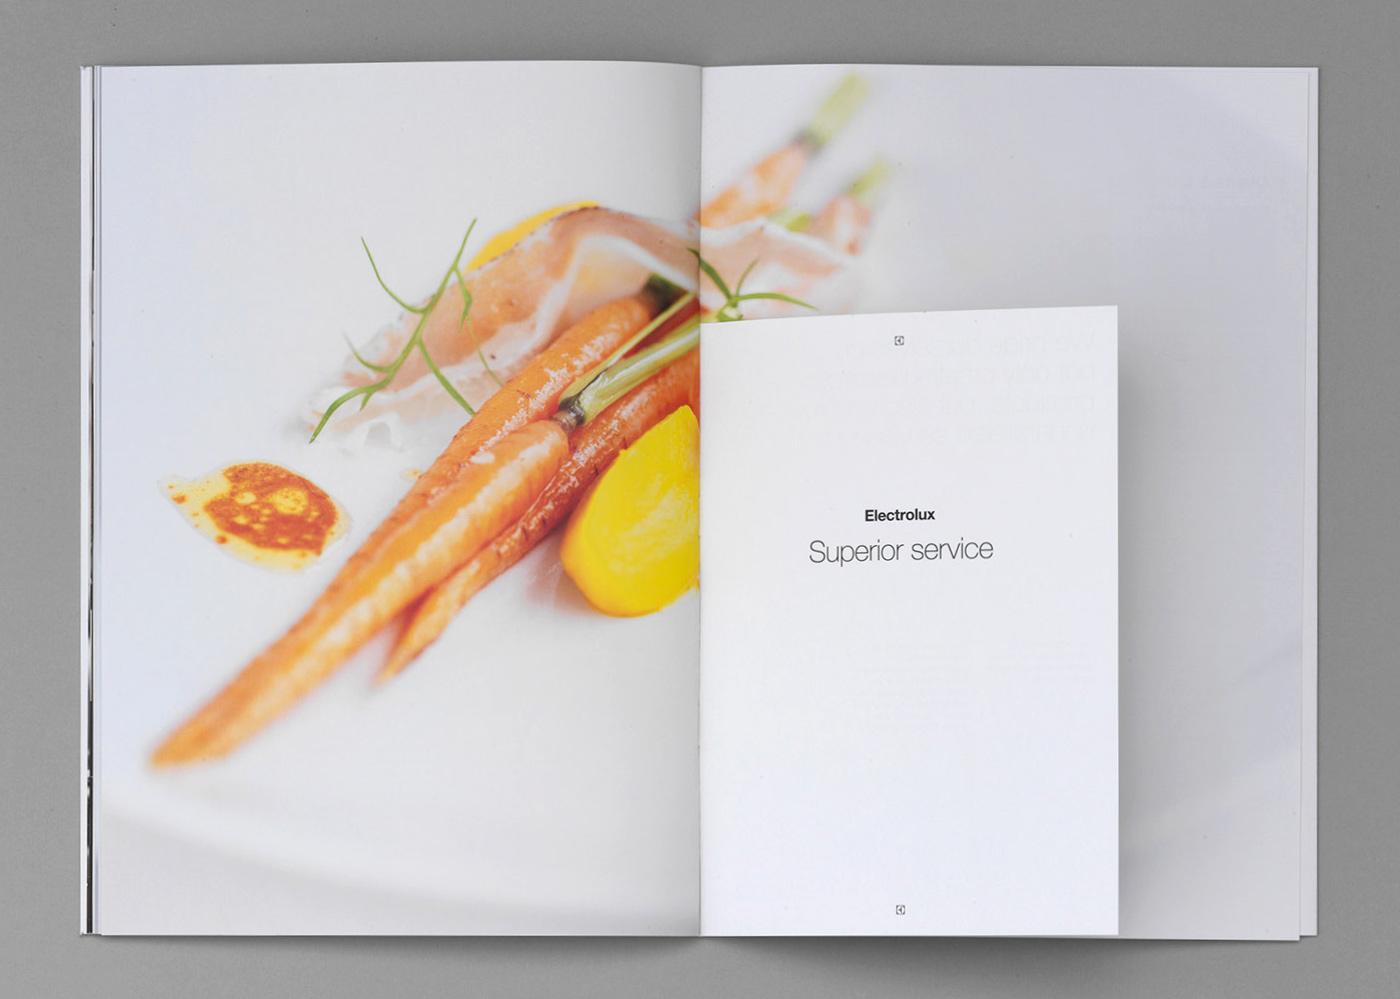 ELE-Gourmet_Spread-image.jpg